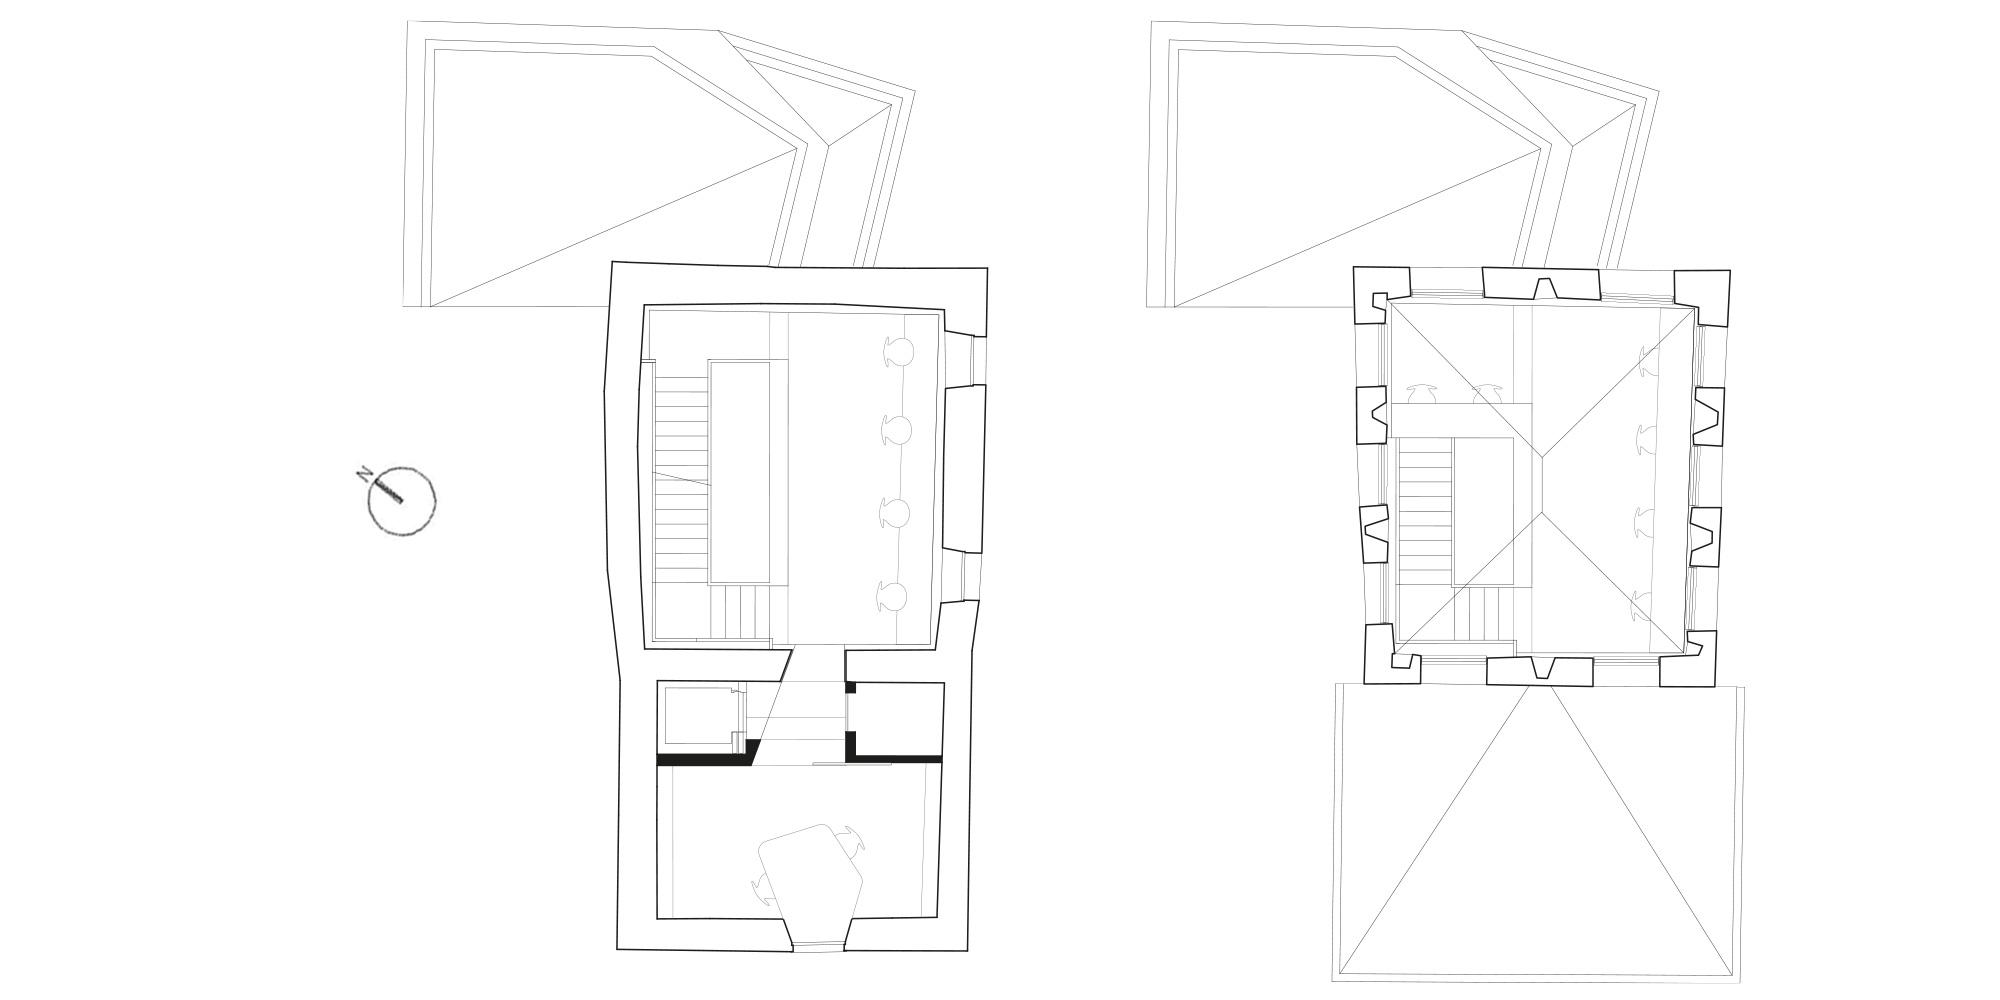 pianta piano terzo e quarto  © CN10 Architetti